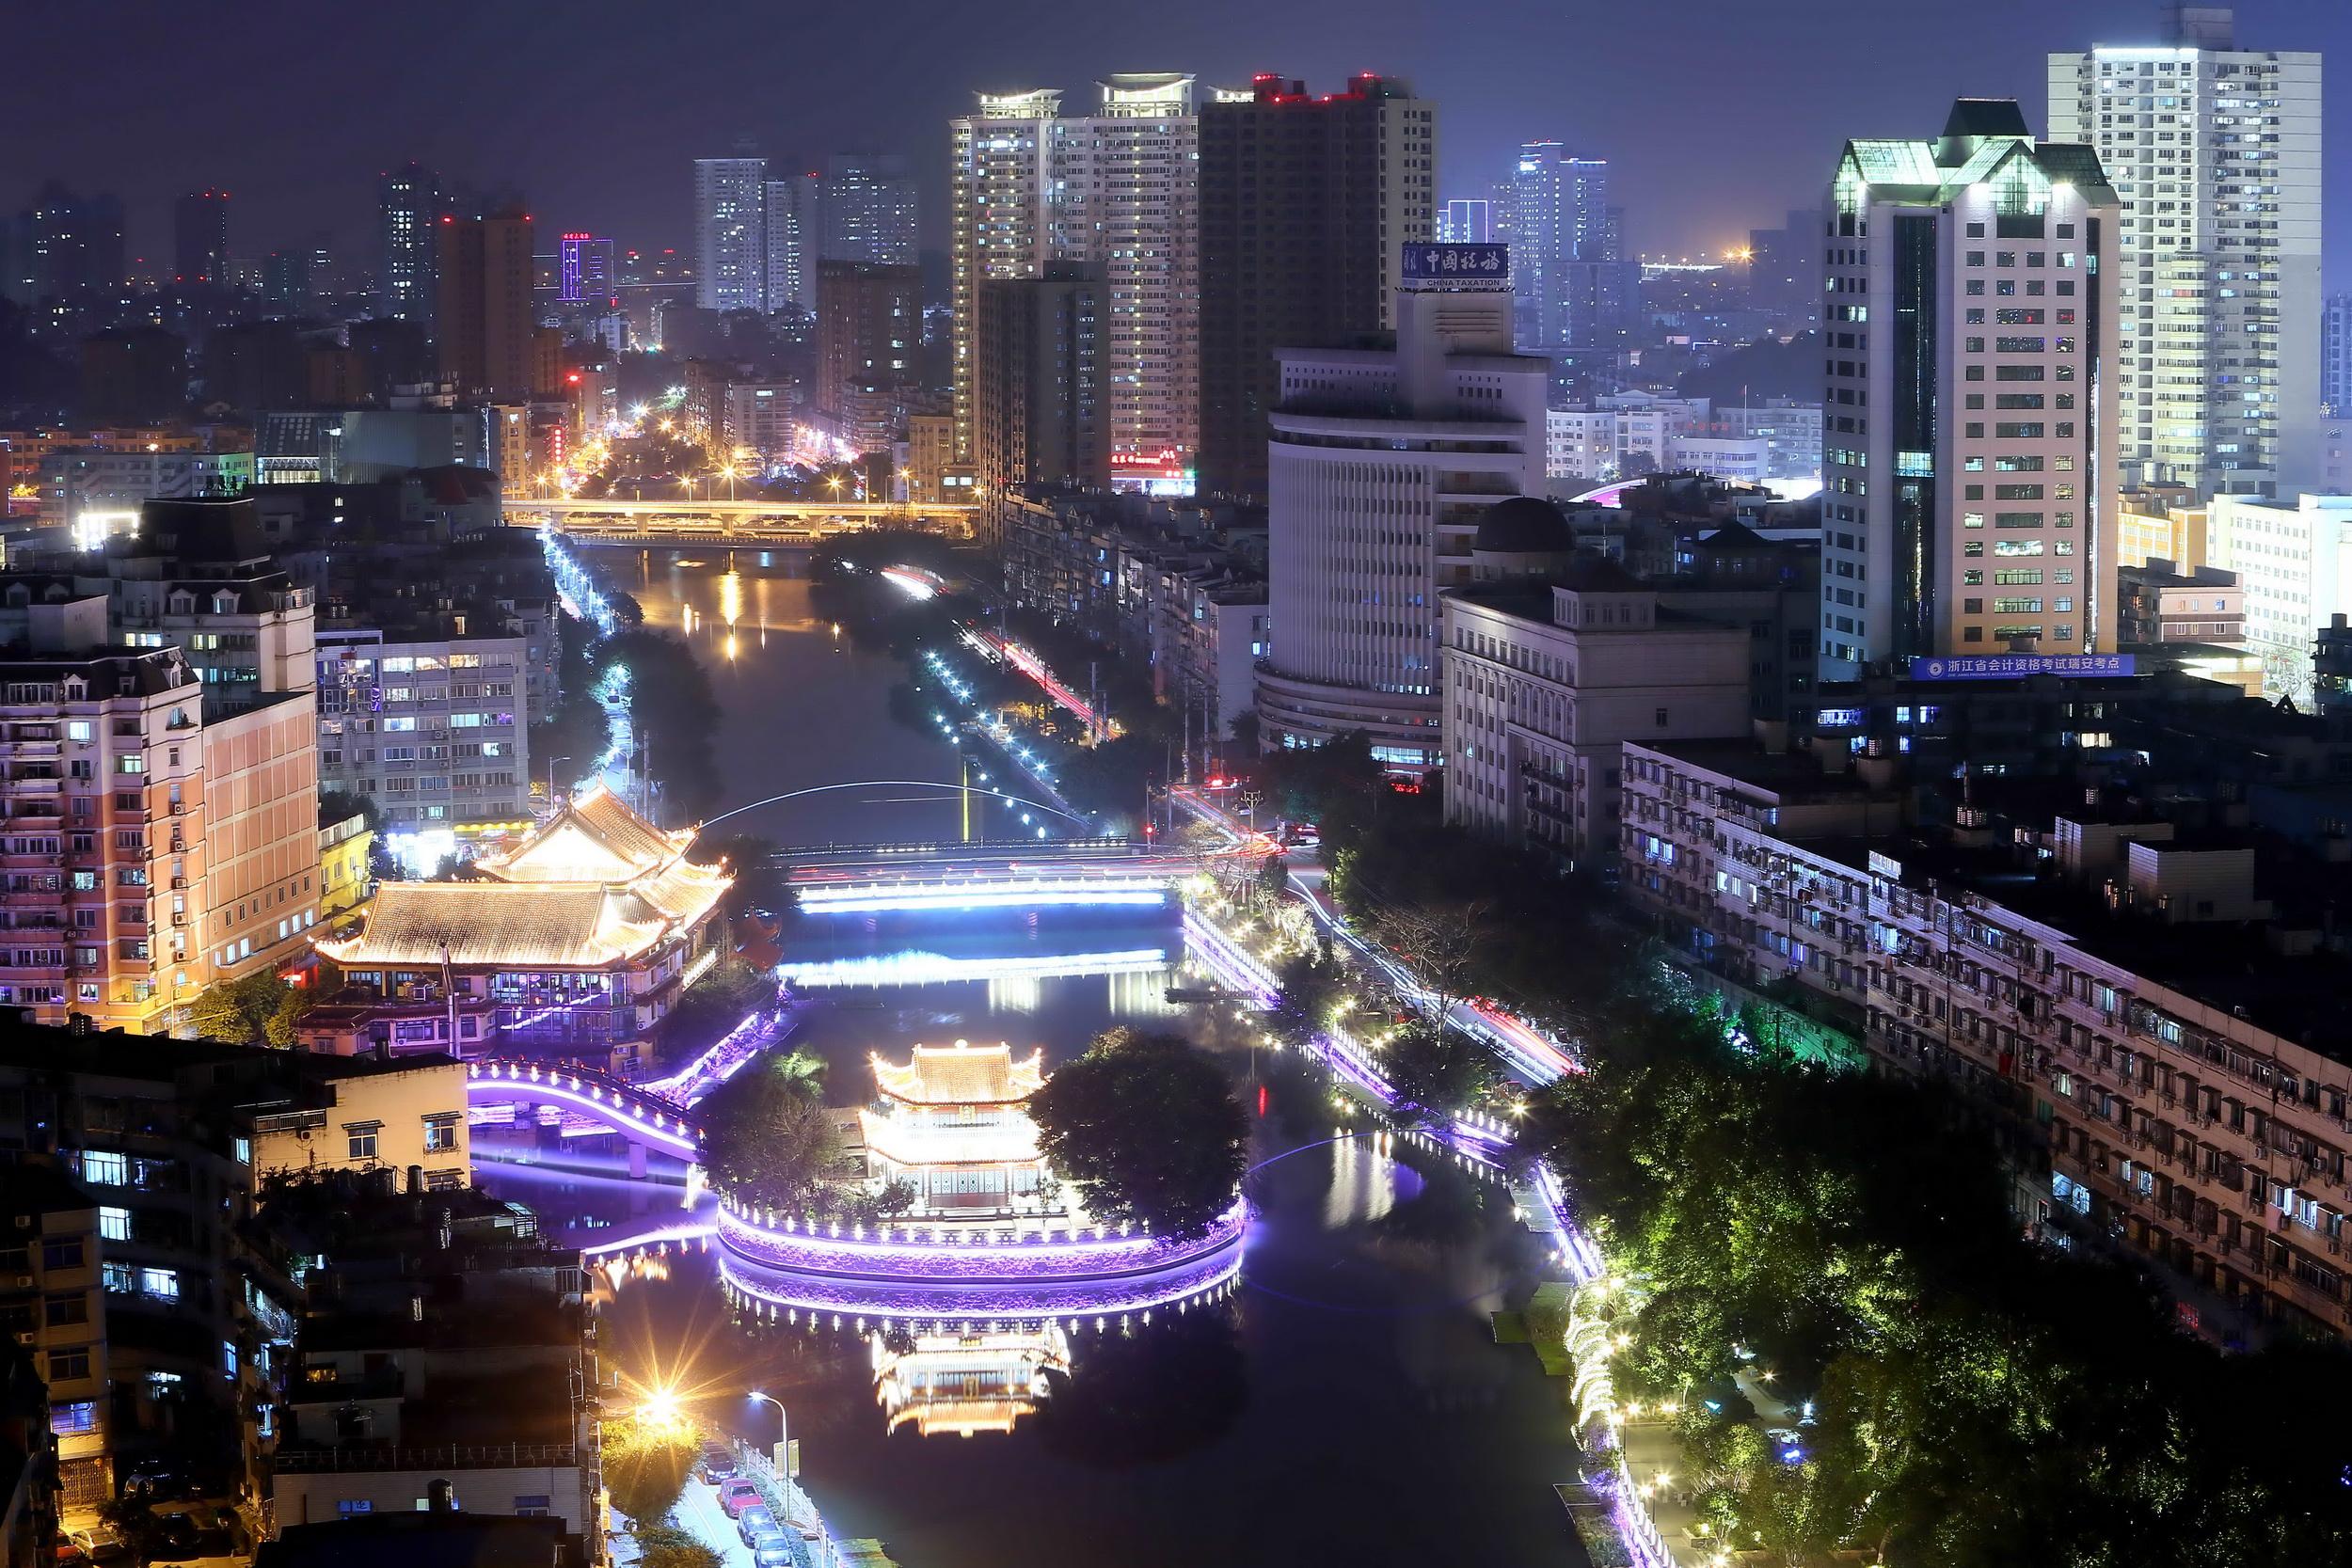 瑞安:温瑞塘河亮灯迎新春